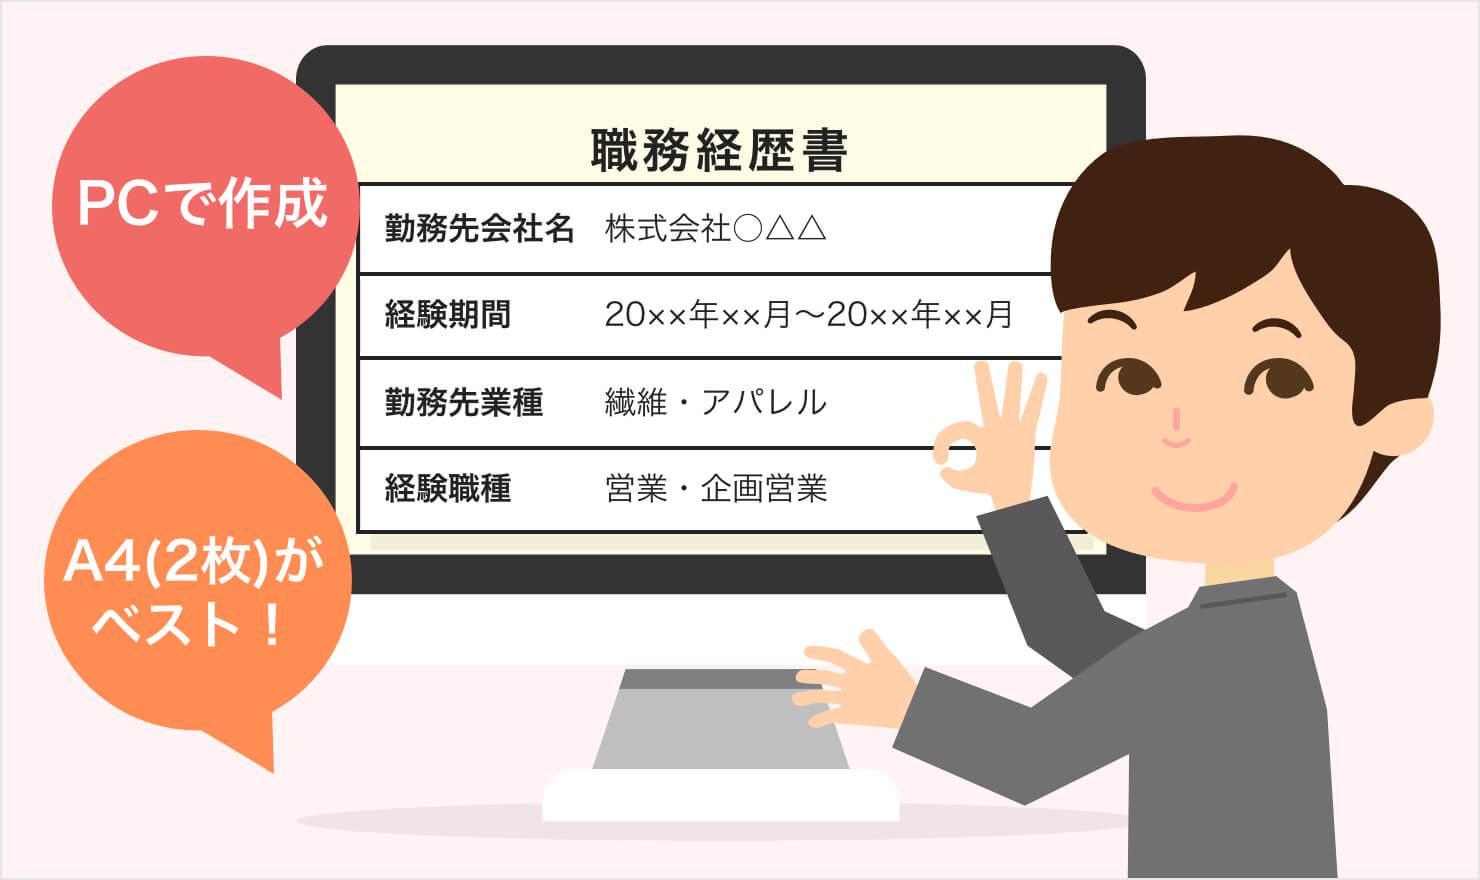 【職務経歴書テンプレートあり】基本の書き方を徹底解説! | JOBSHIL